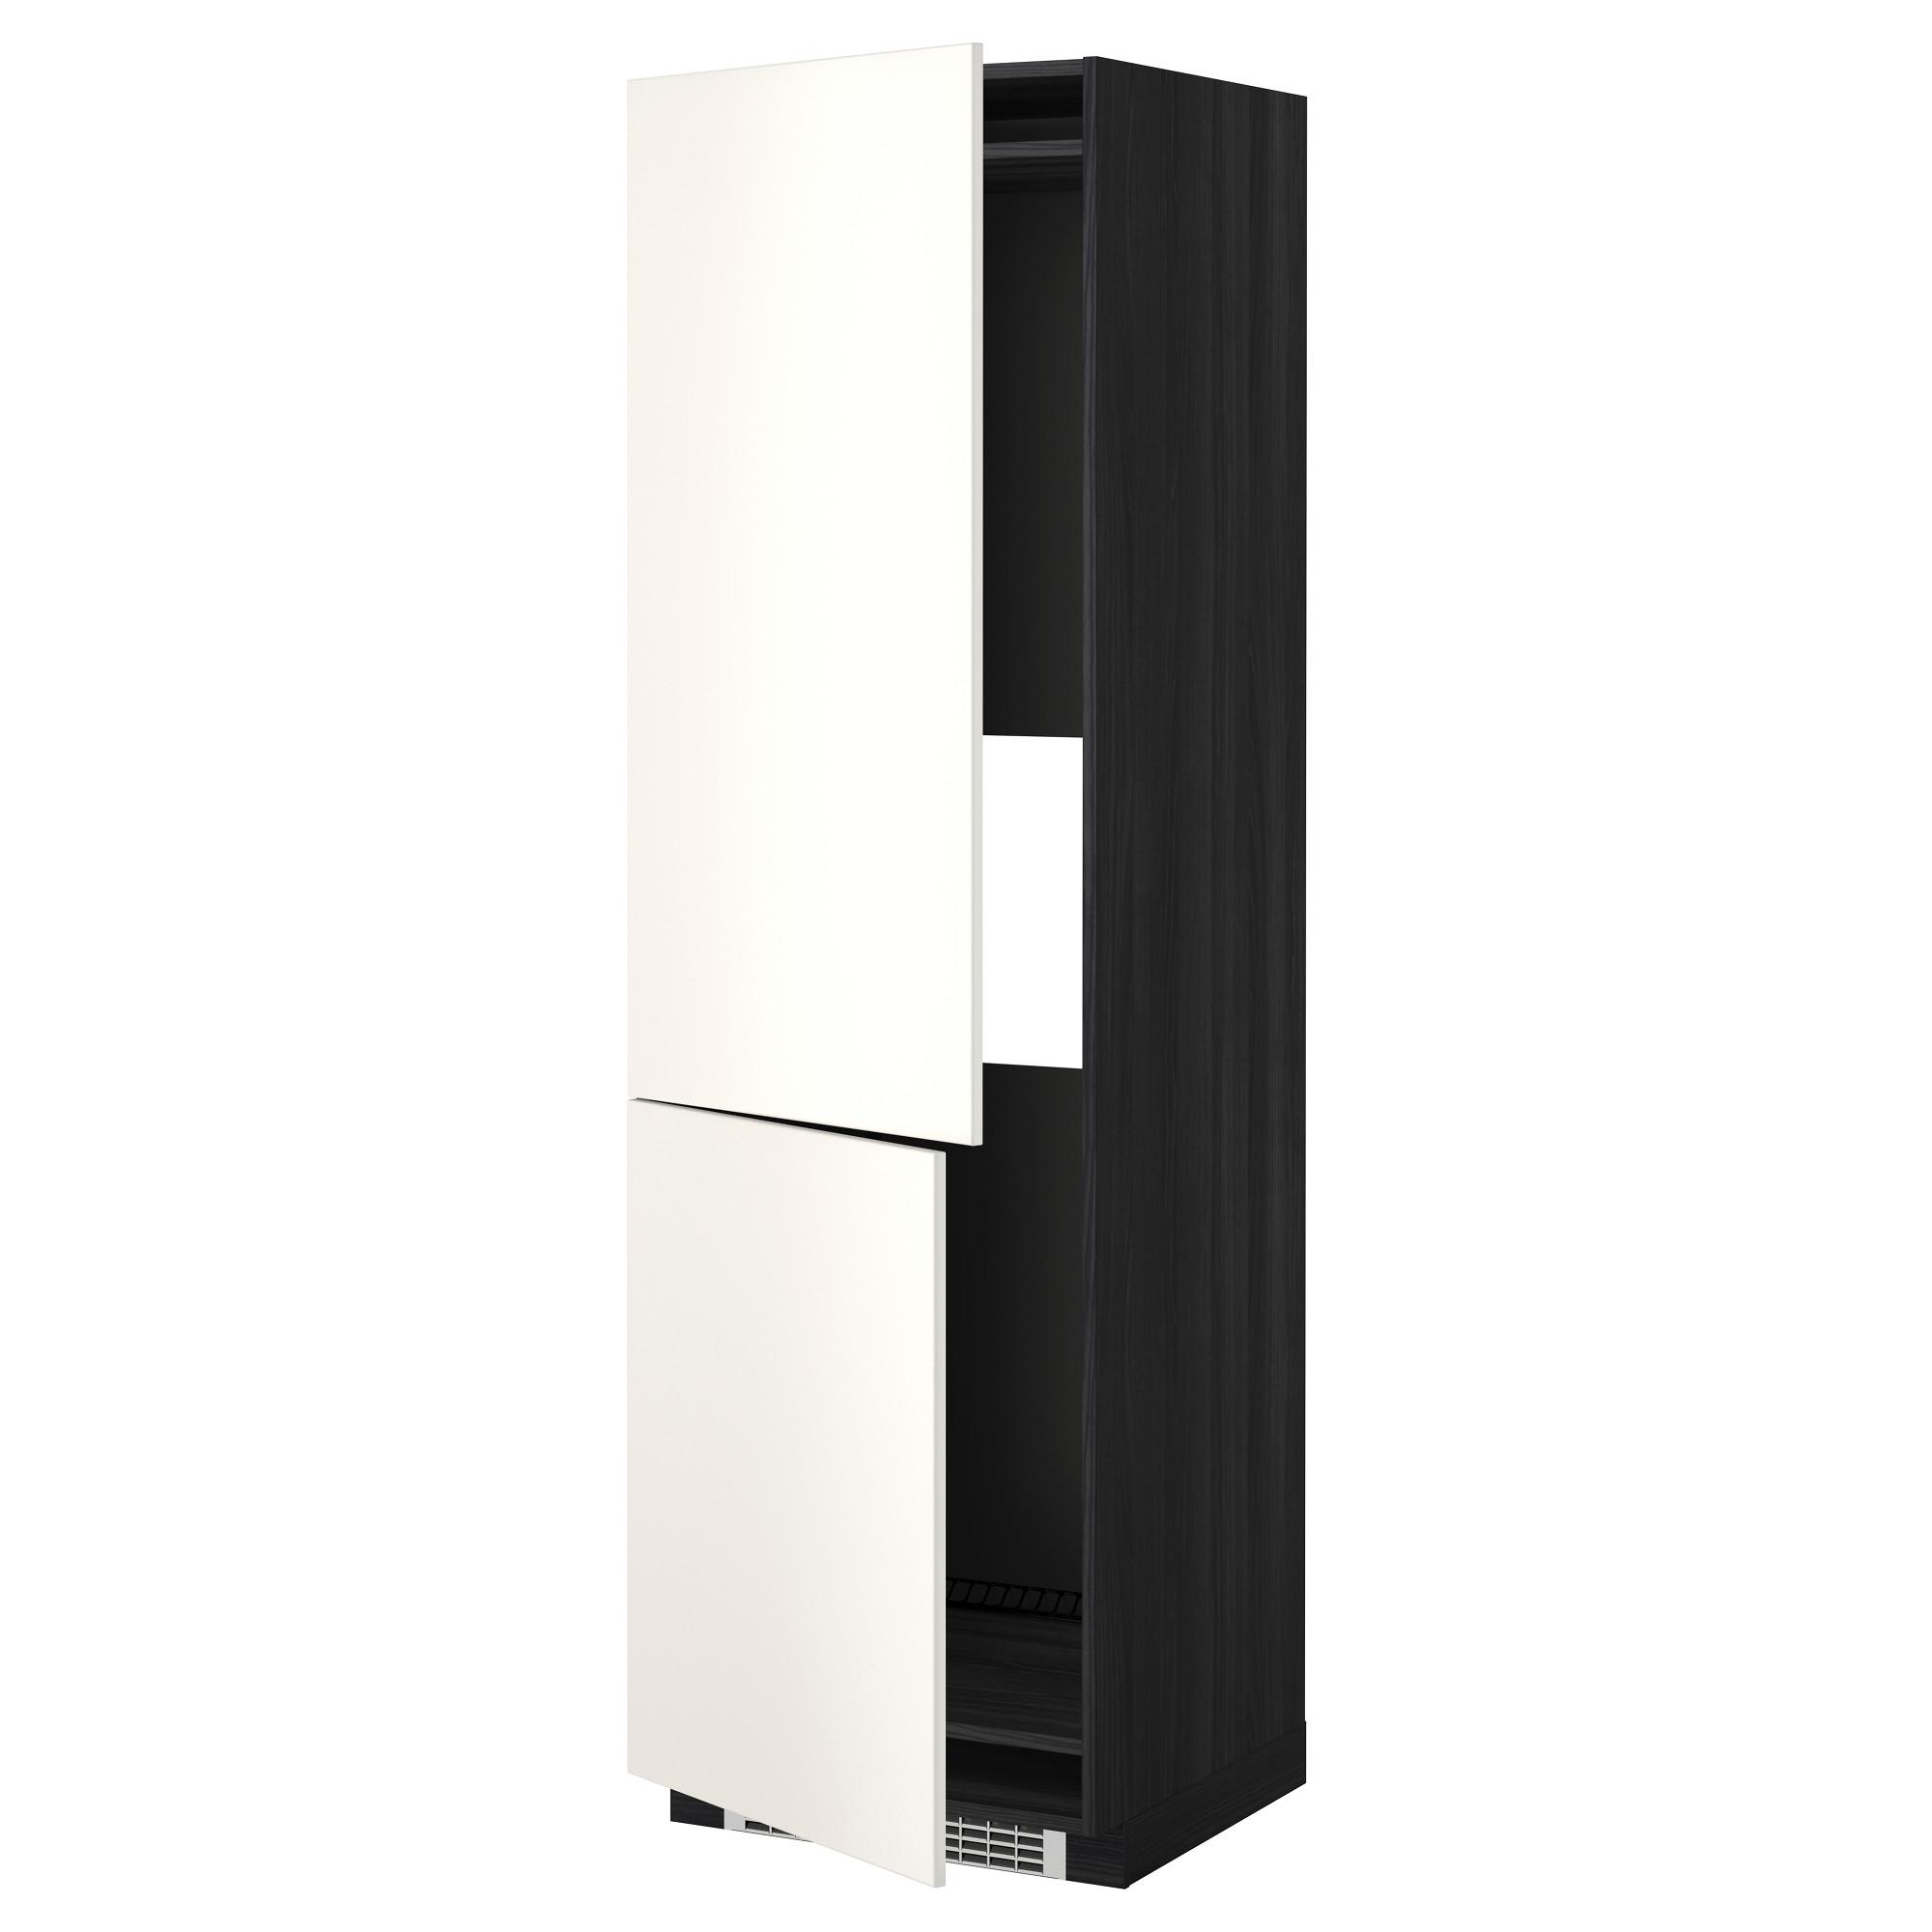 Высокий шкаф для холодильника или морозильник МЕТОД черный артикуль № 492.235.46 в наличии. Онлайн сайт ИКЕА Минск. Быстрая доставка и монтаж.